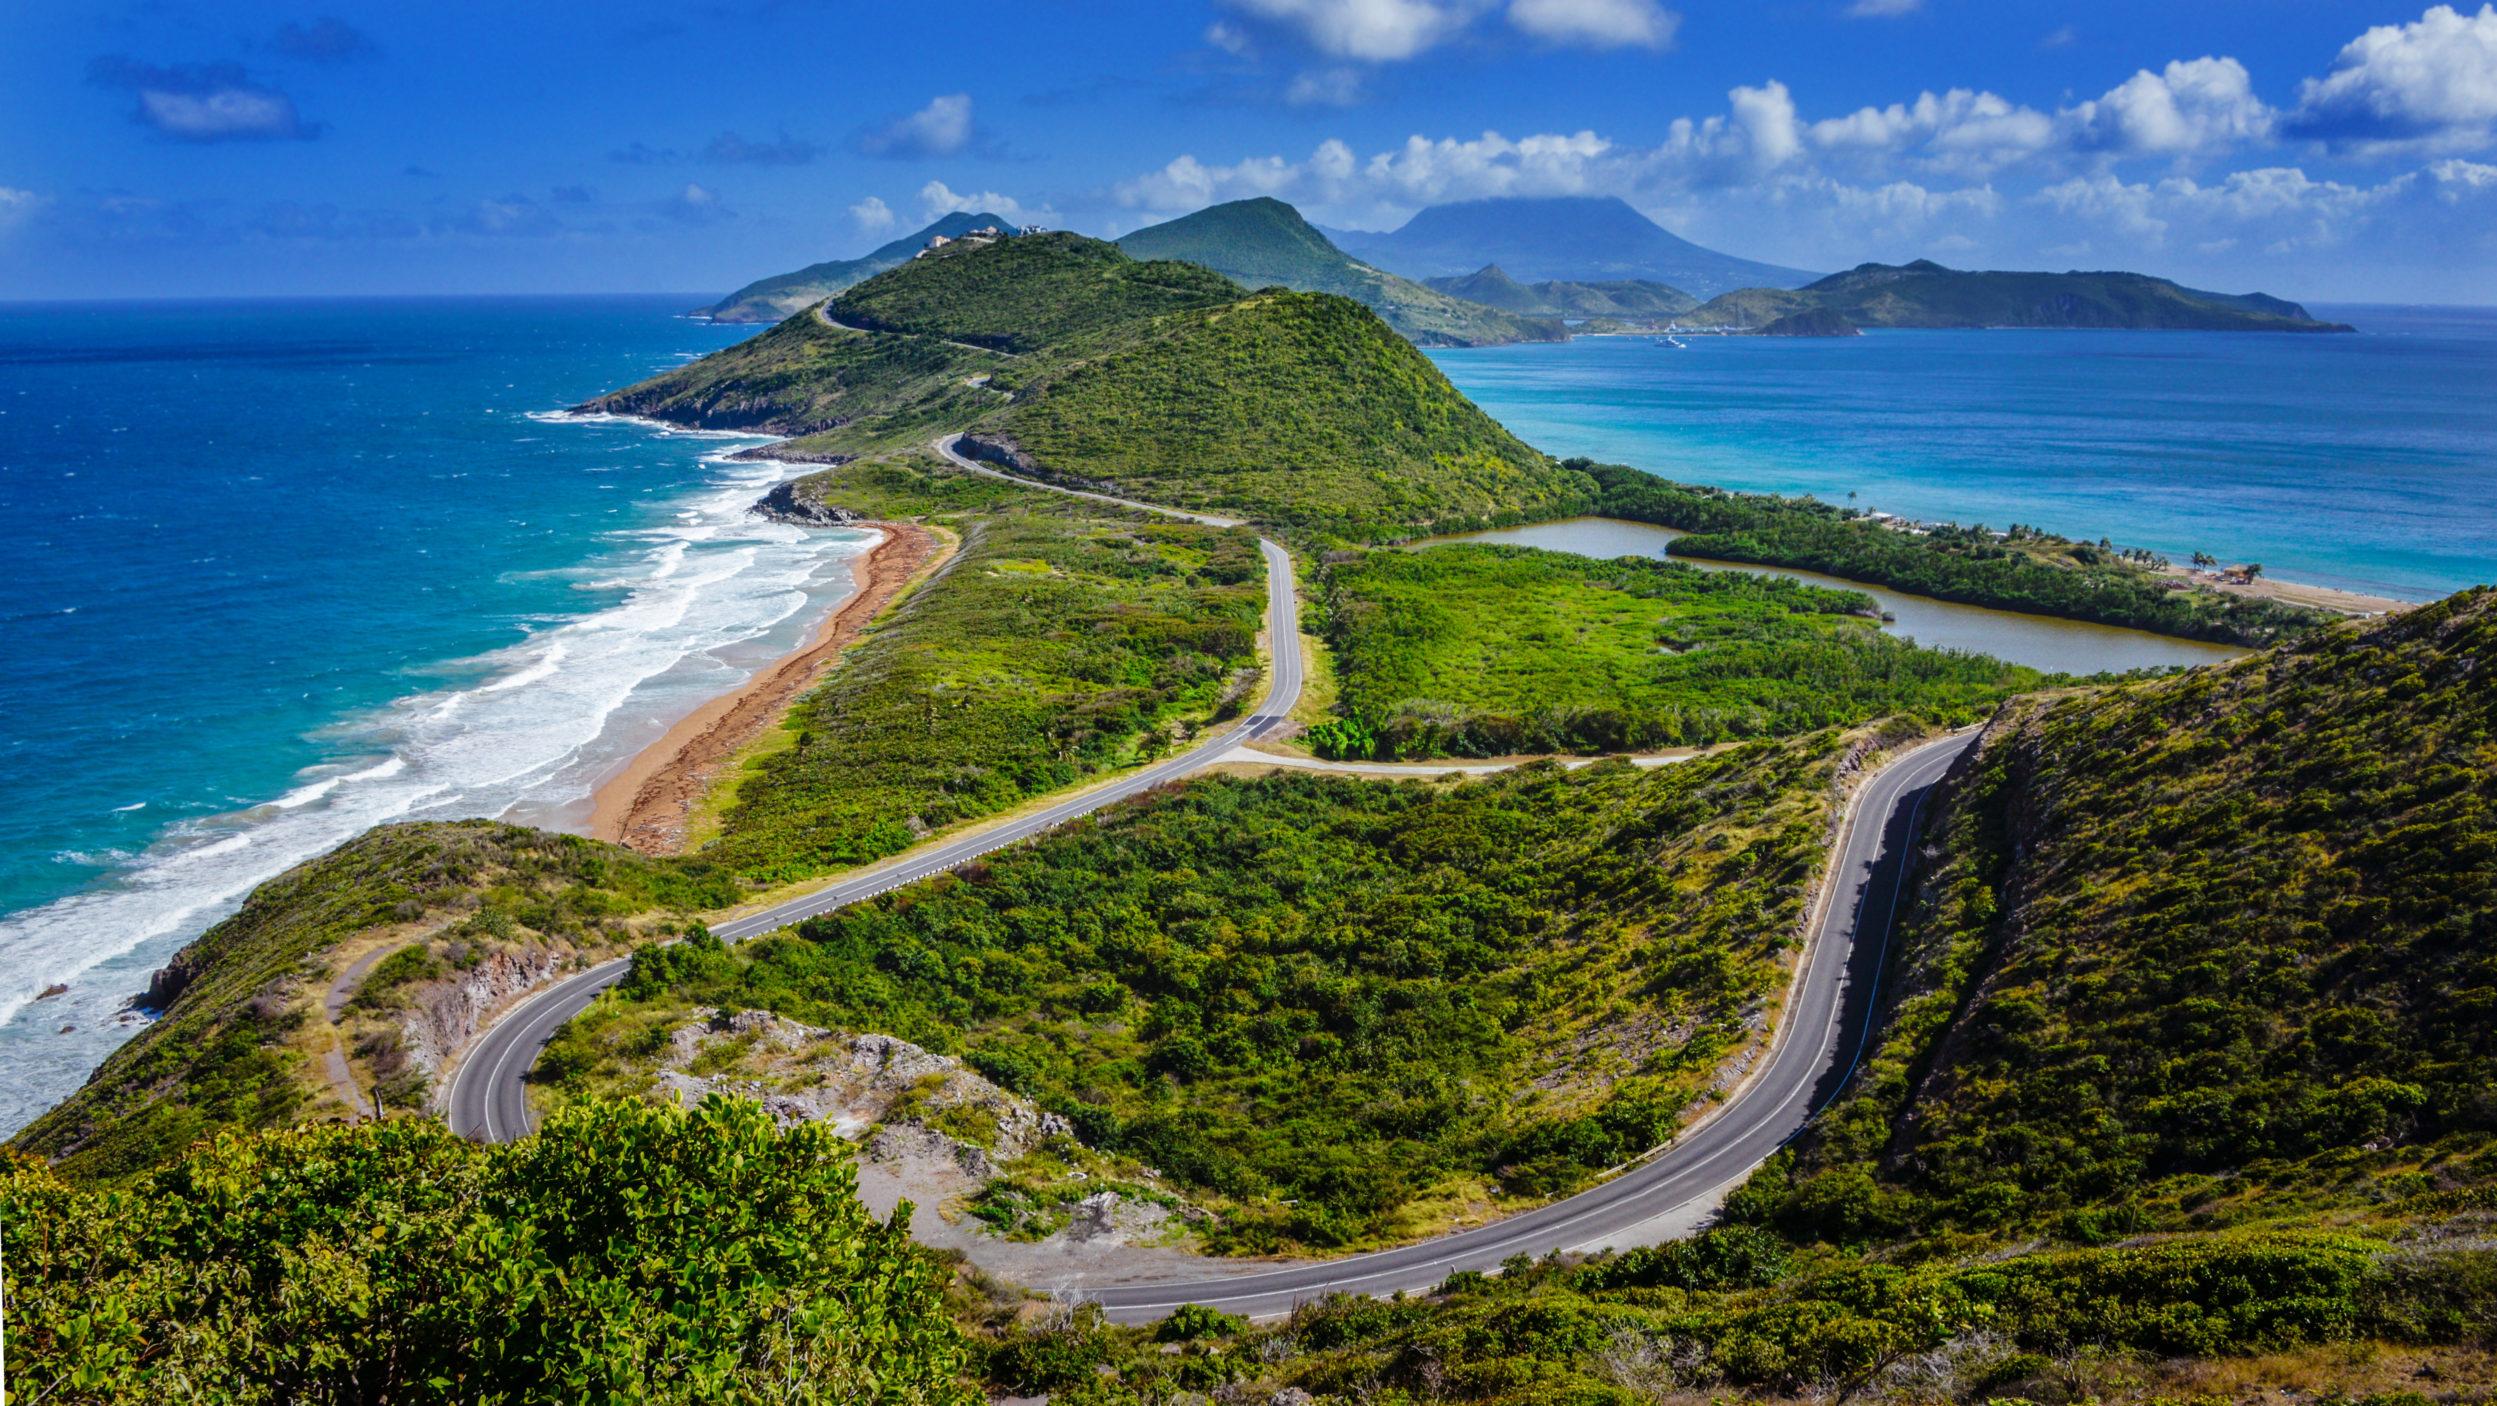 St. Kitts [Shutterstock]